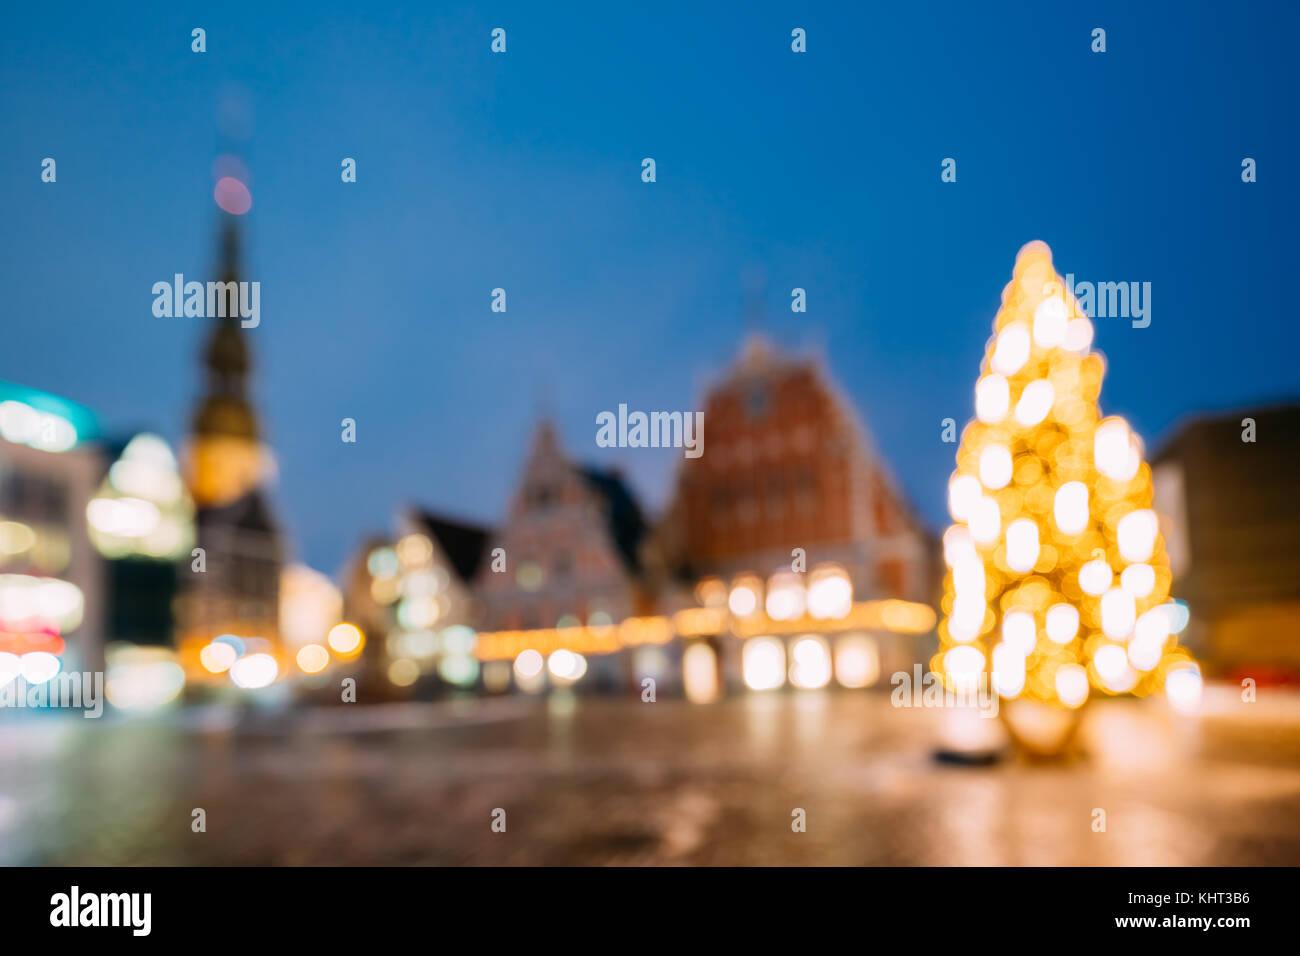 Riga lettonia nuovo anno luci boke xmas decorazione per albero